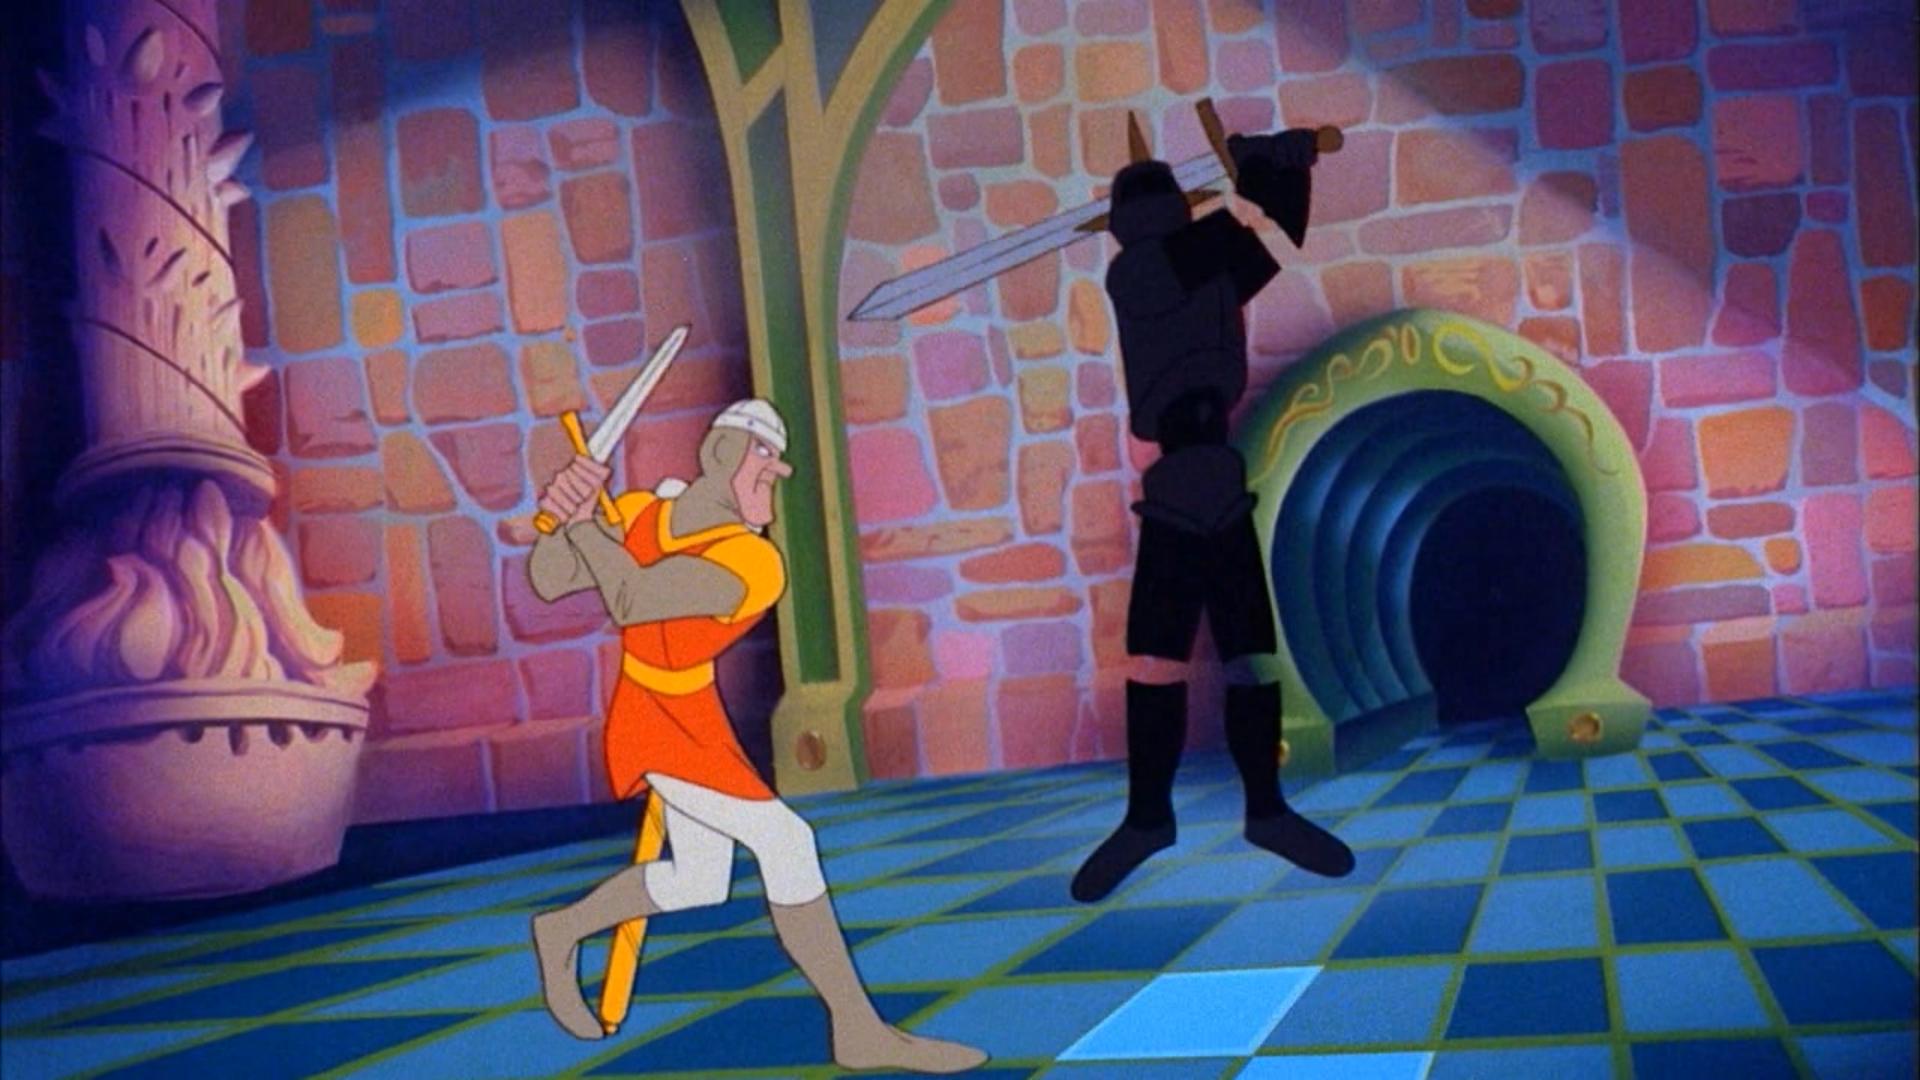 Кадр из оригинальной версии Dragon's Lair